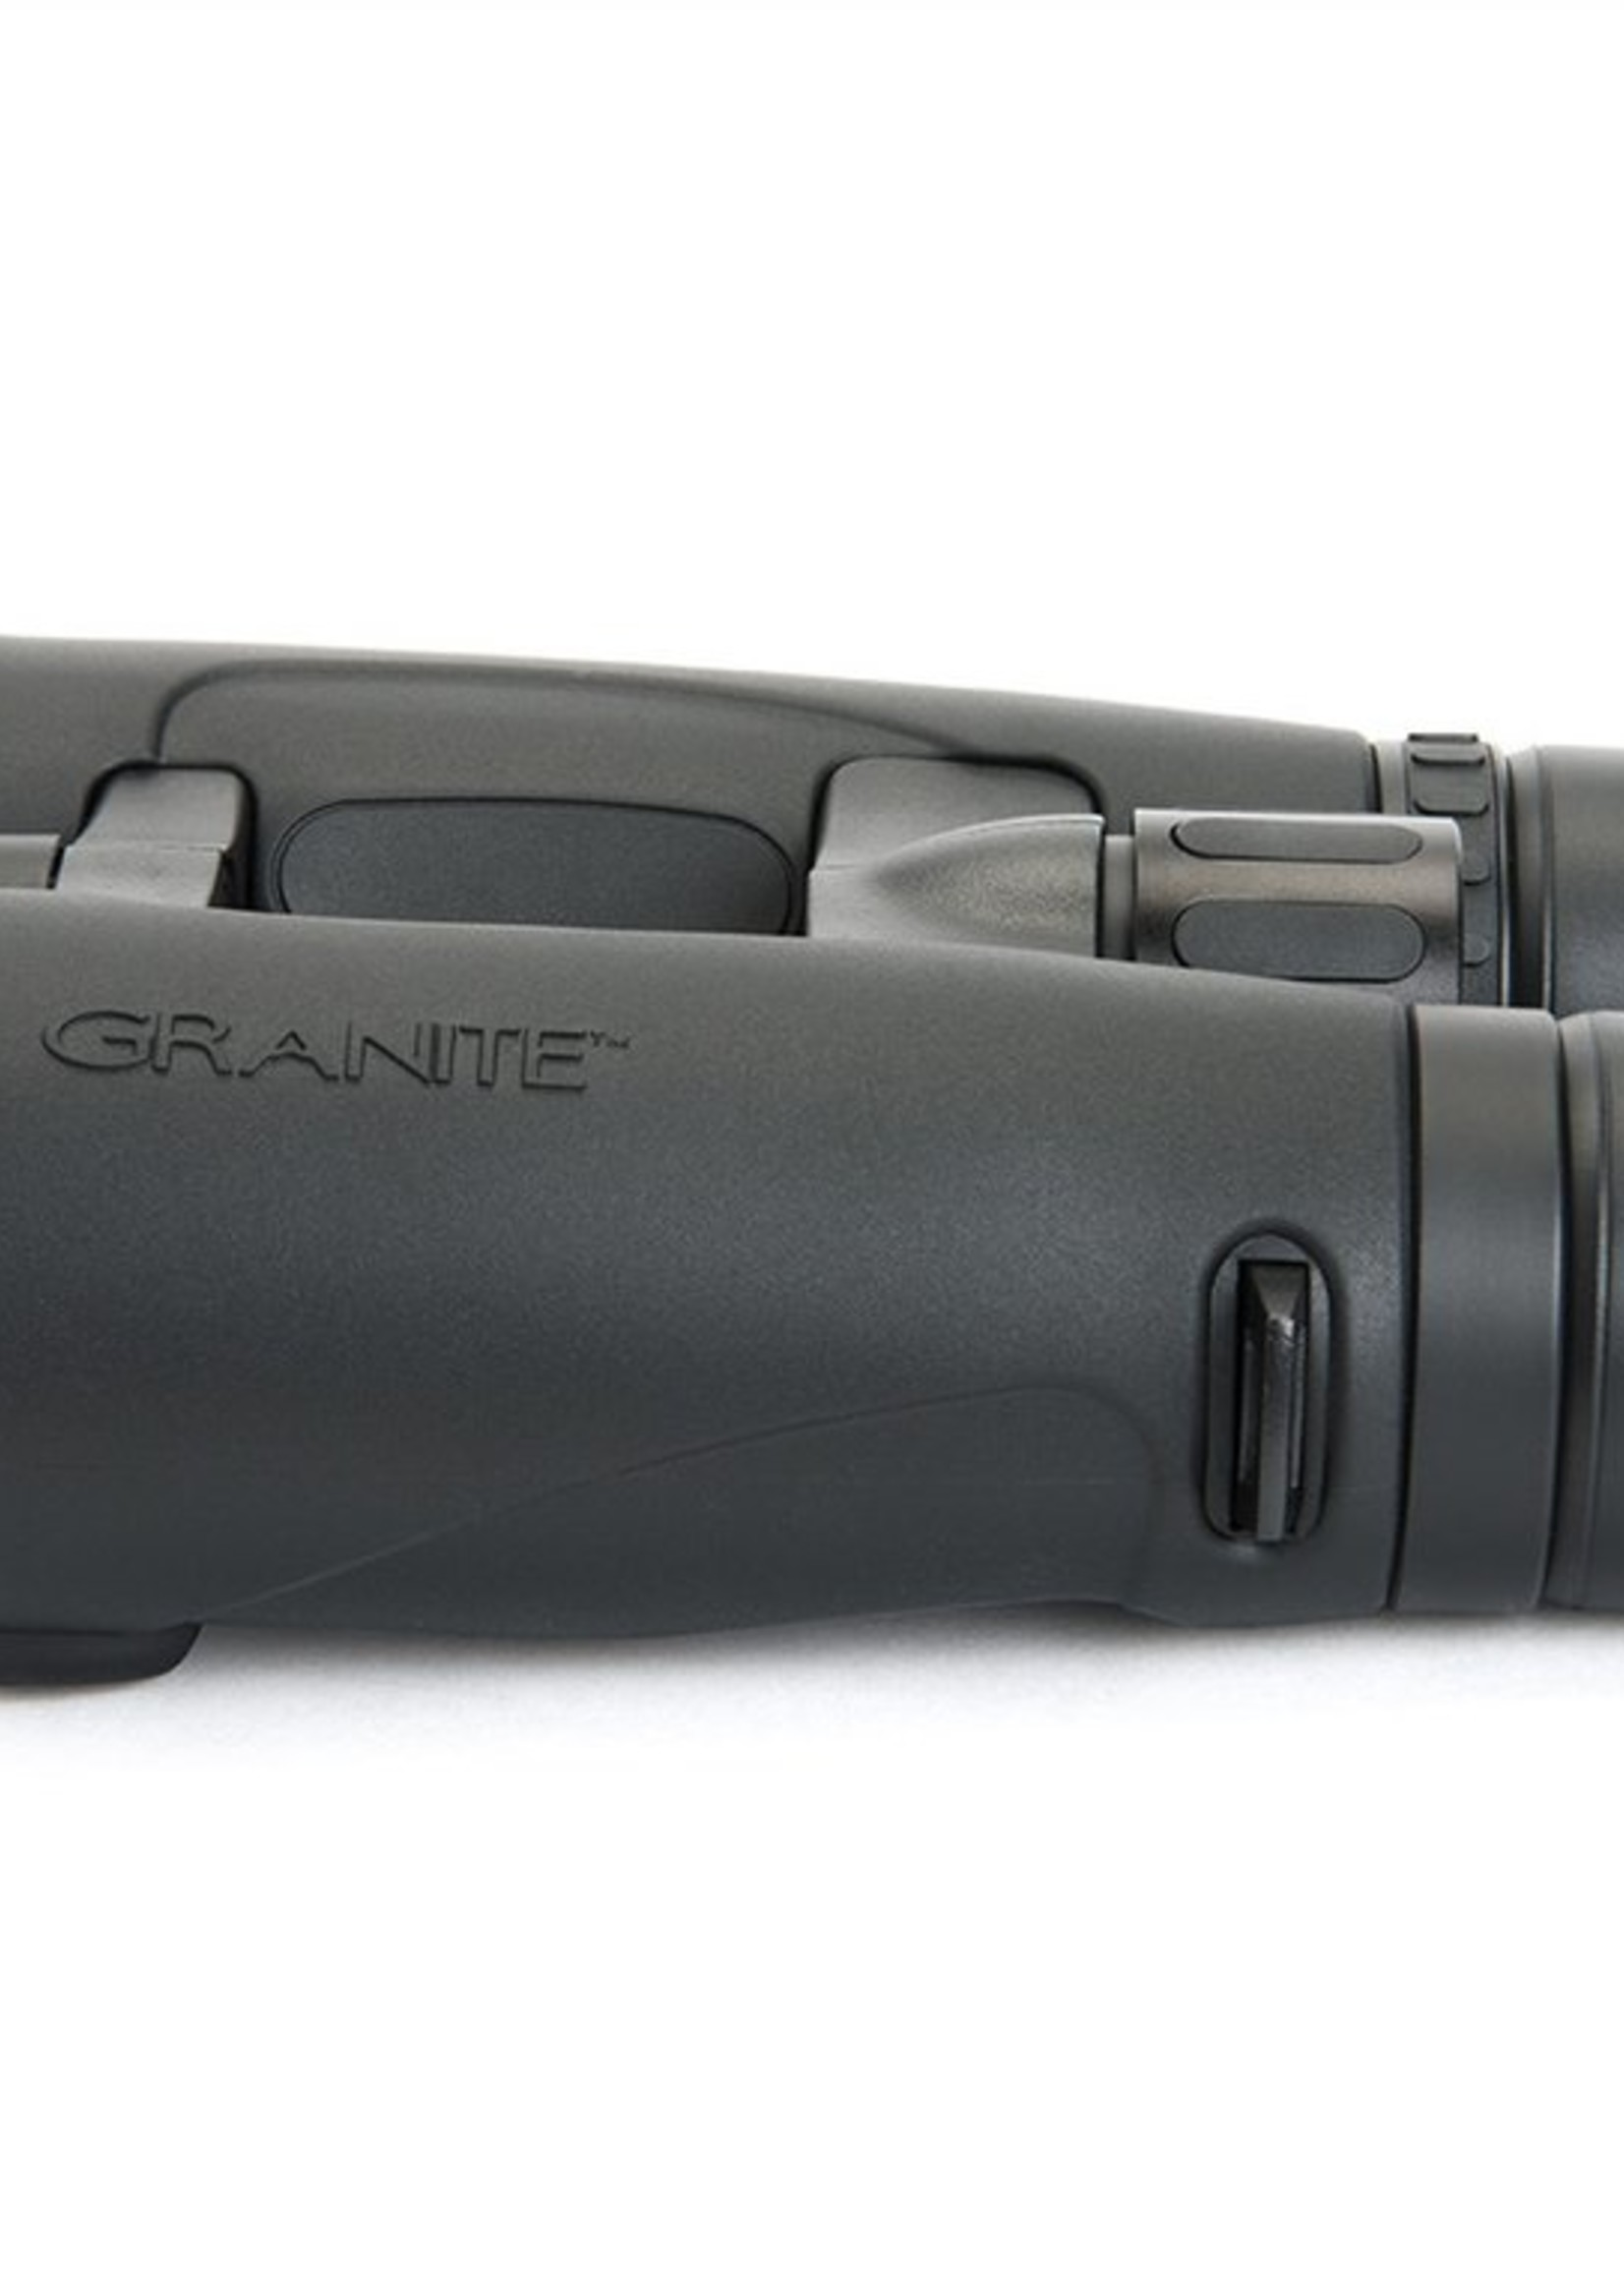 Celestron 10x42 Granite